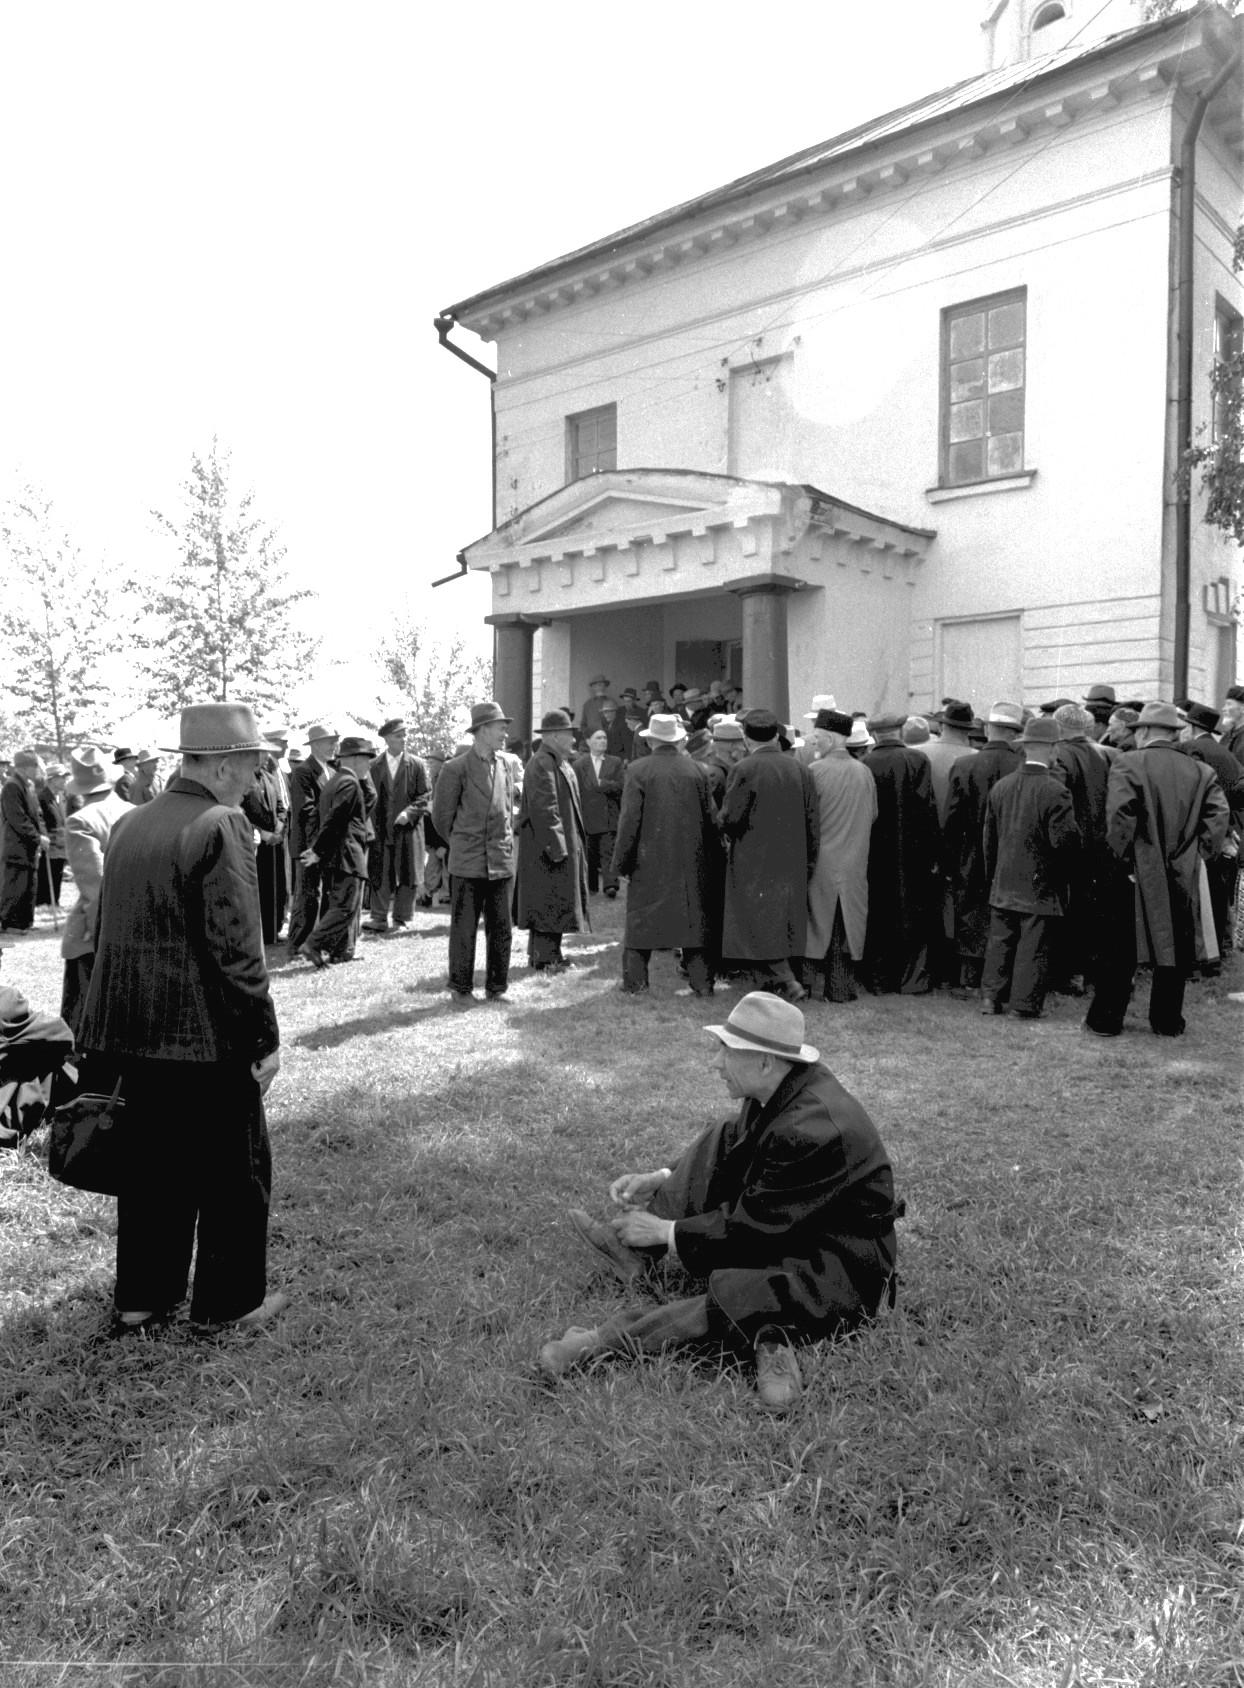 Городская мечеть. Люди перед зданием